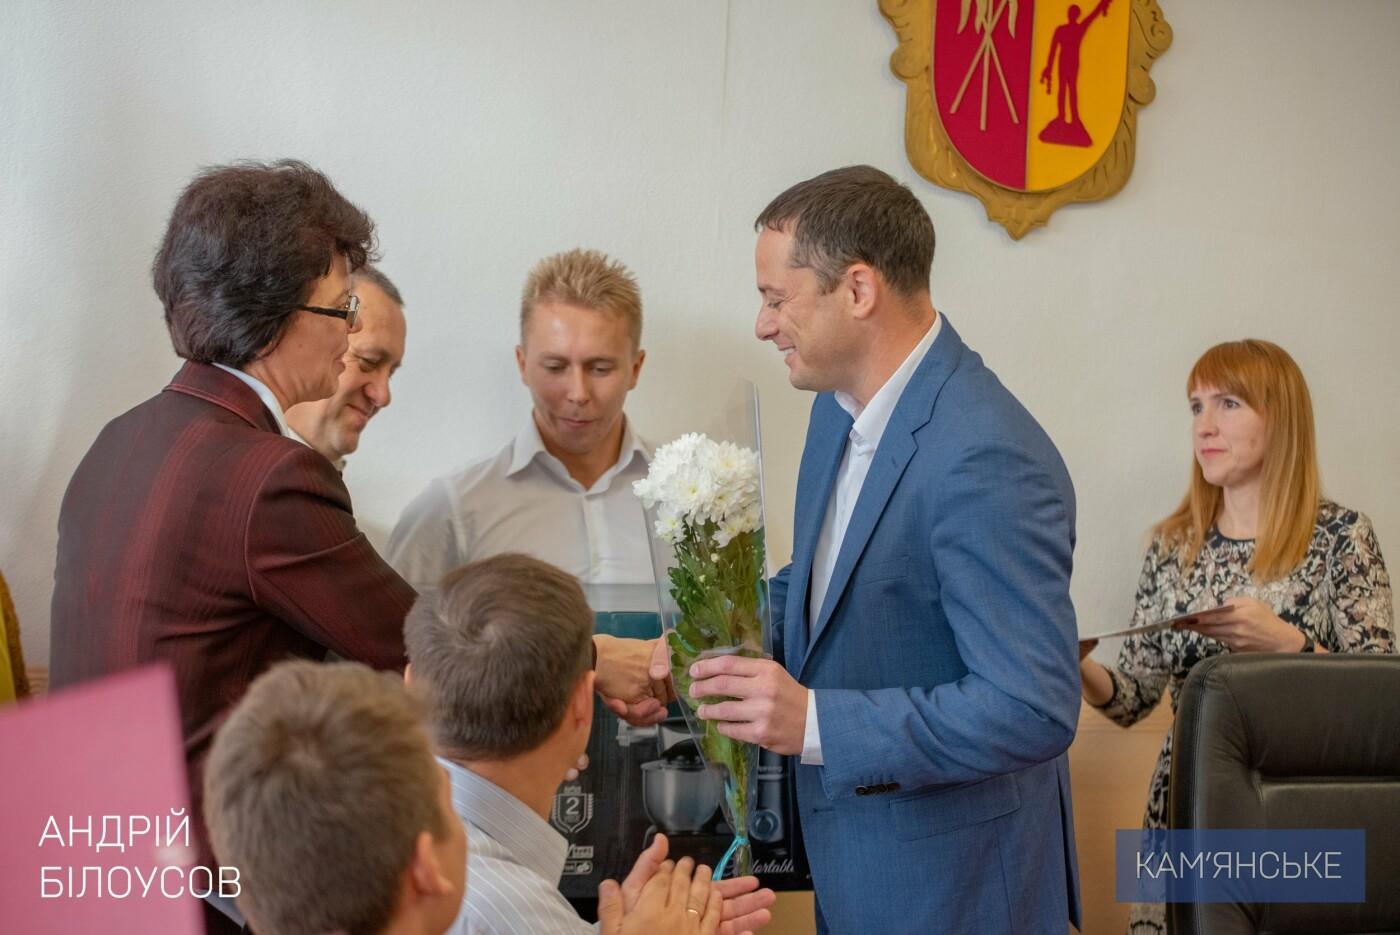 В Каменском поздравили родителей-воспитателей ДДСТ и детей с Днем усыновления, фото-2